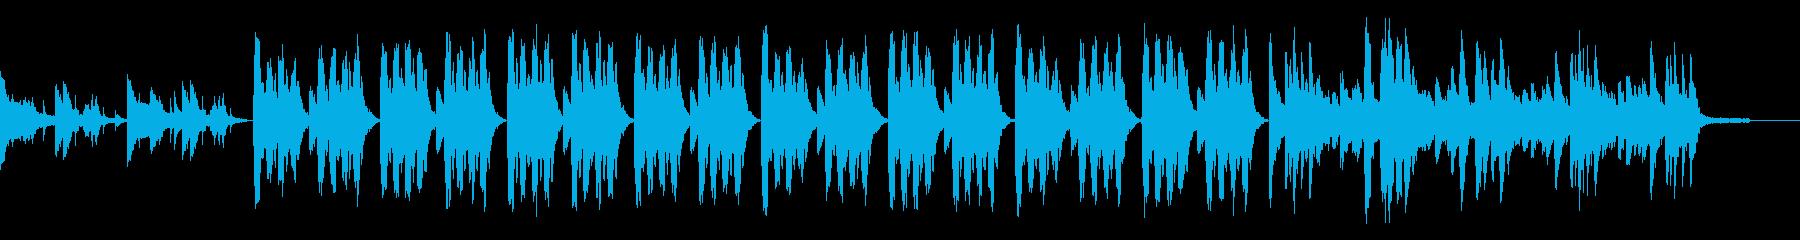 不気味で拍子感が掴めないクラシックの再生済みの波形